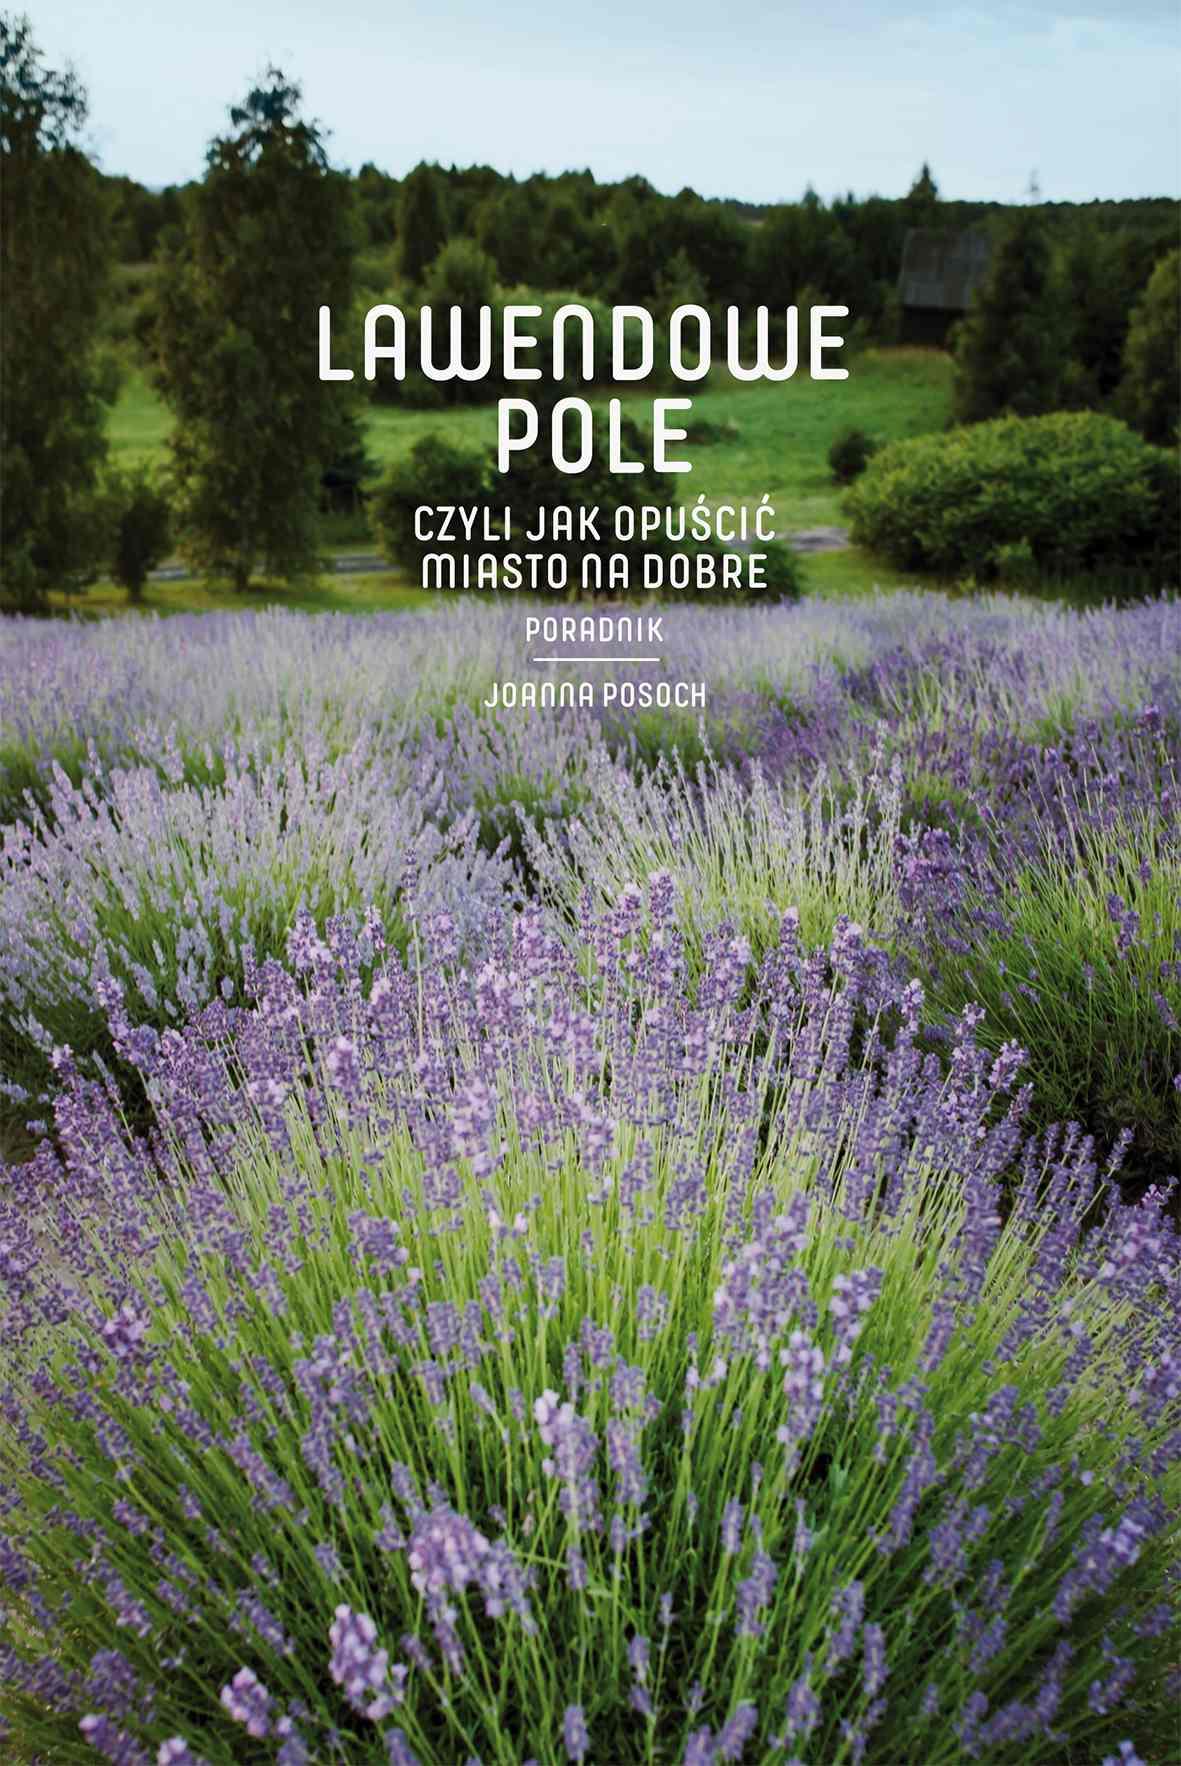 Lawendowe pole - Ebook (Książka na Kindle) do pobrania w formacie MOBI